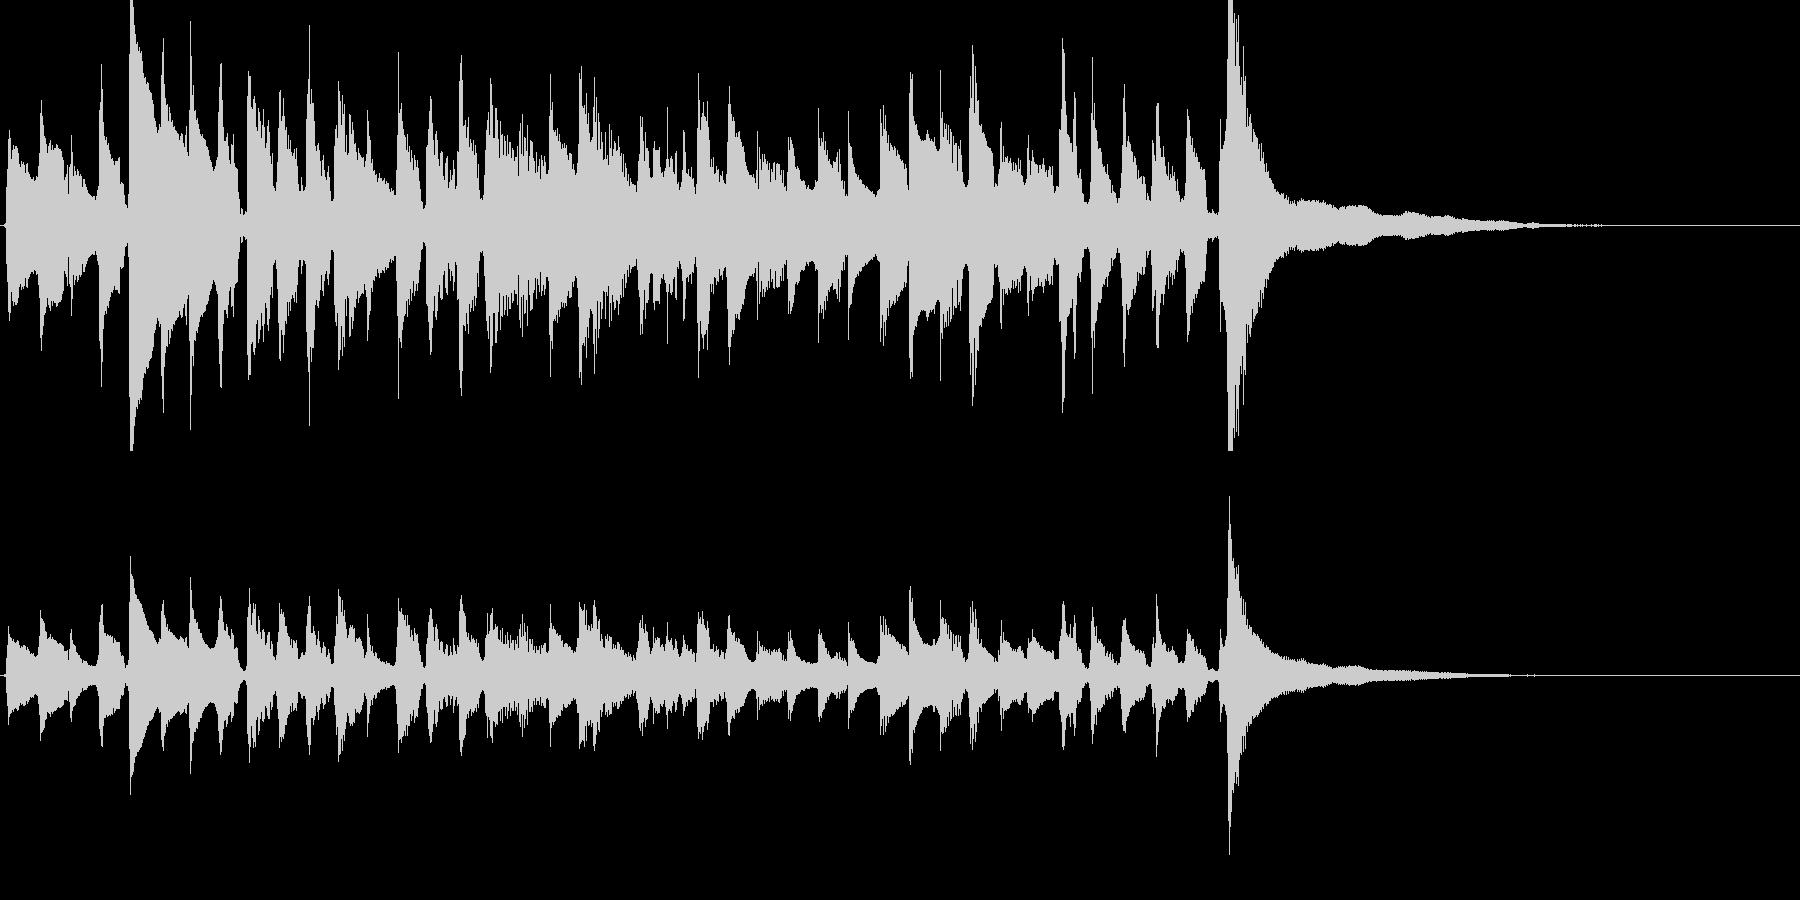 爽やかなギター重ね録りの曲【生音】の未再生の波形